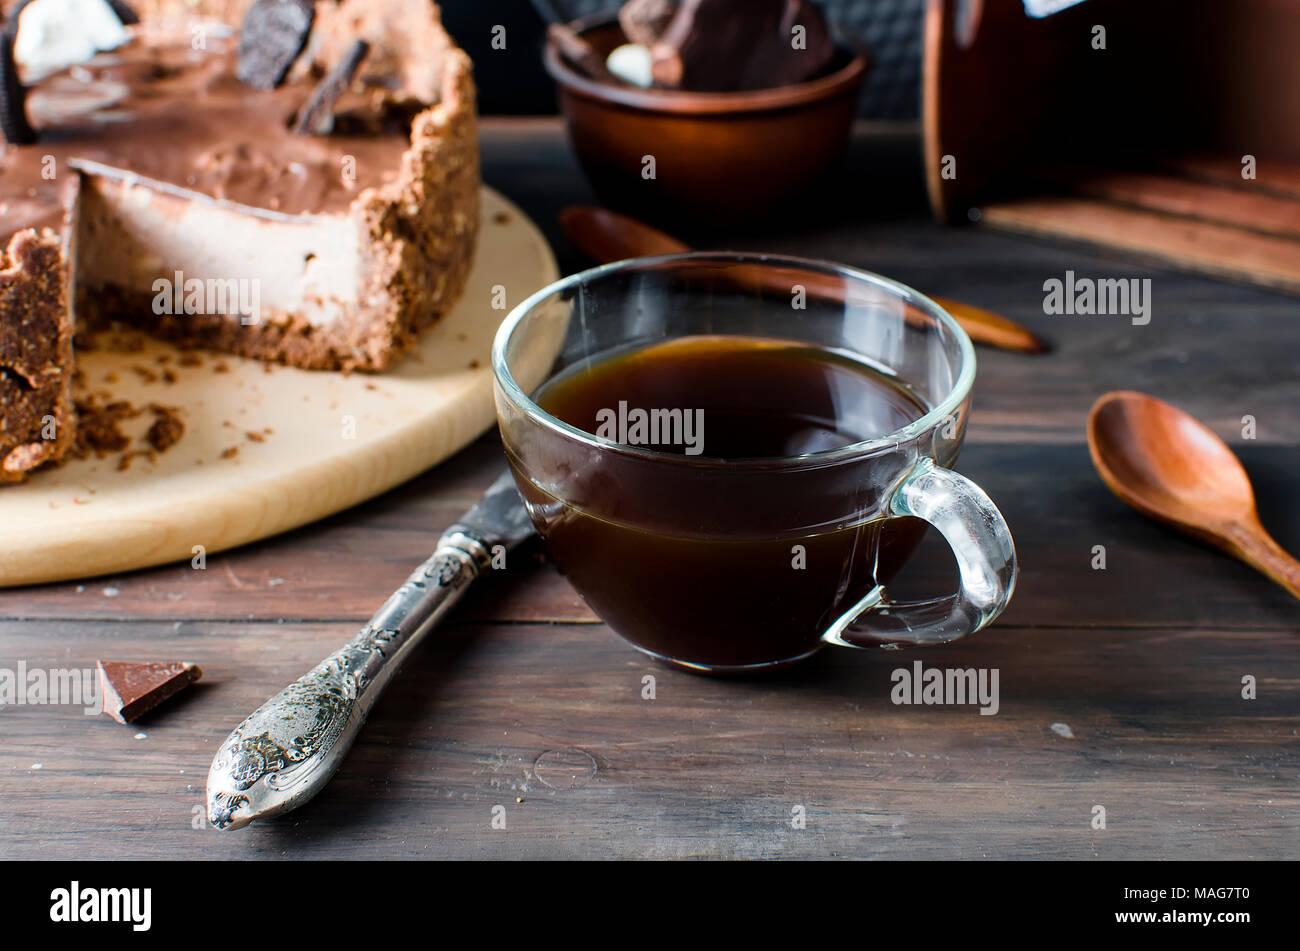 Cheesecake al cioccolato e caffè al buio su un vecchio tavolo di legno, copia di spazio, Immagini Stock